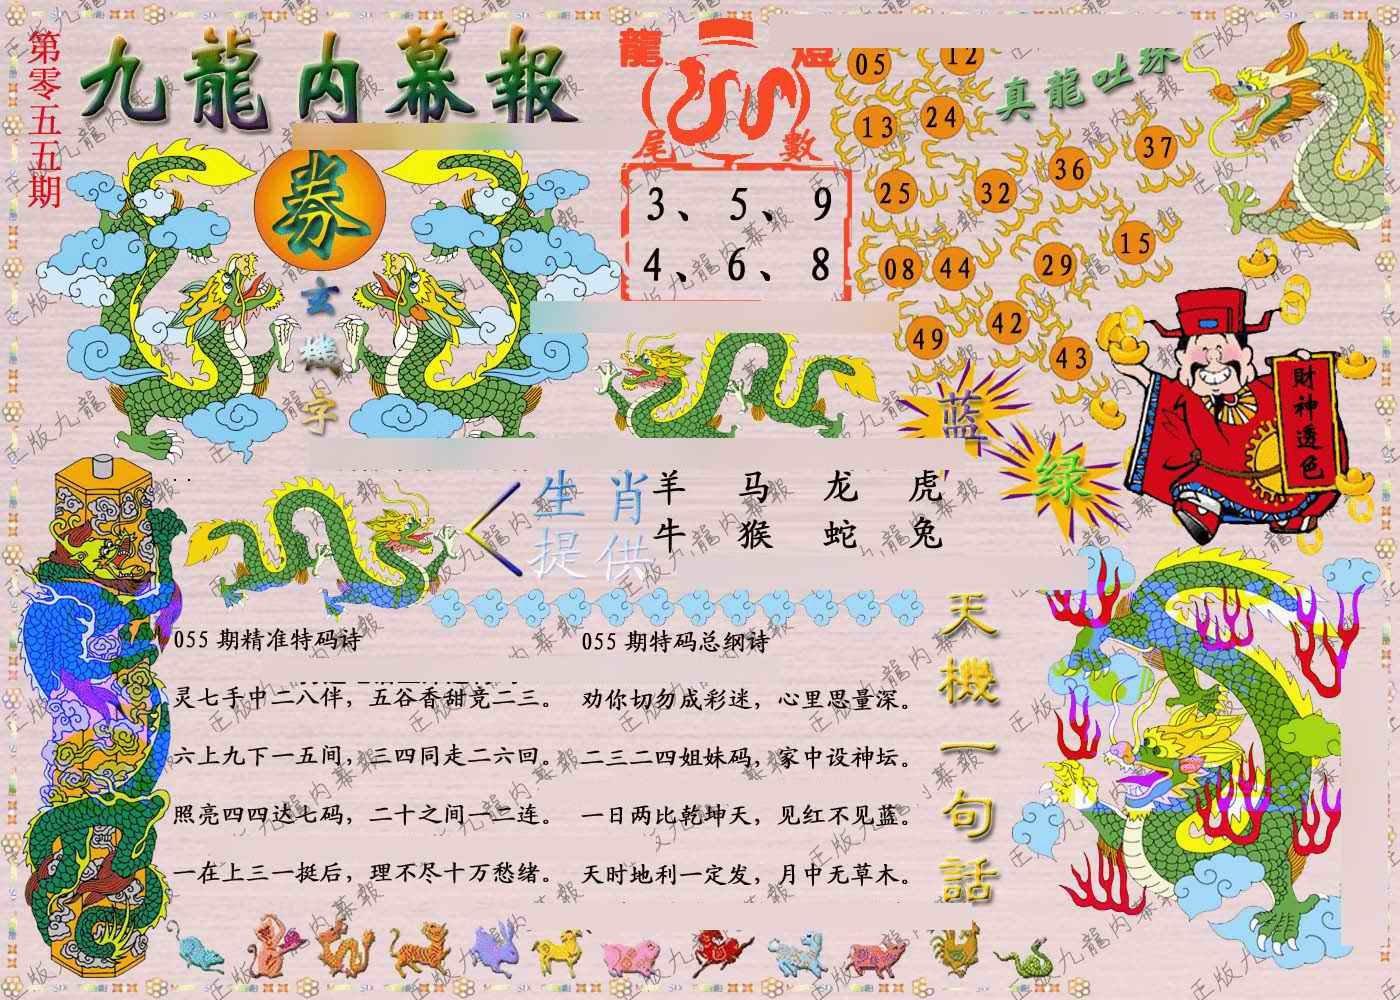 055期正版九龙内幕报